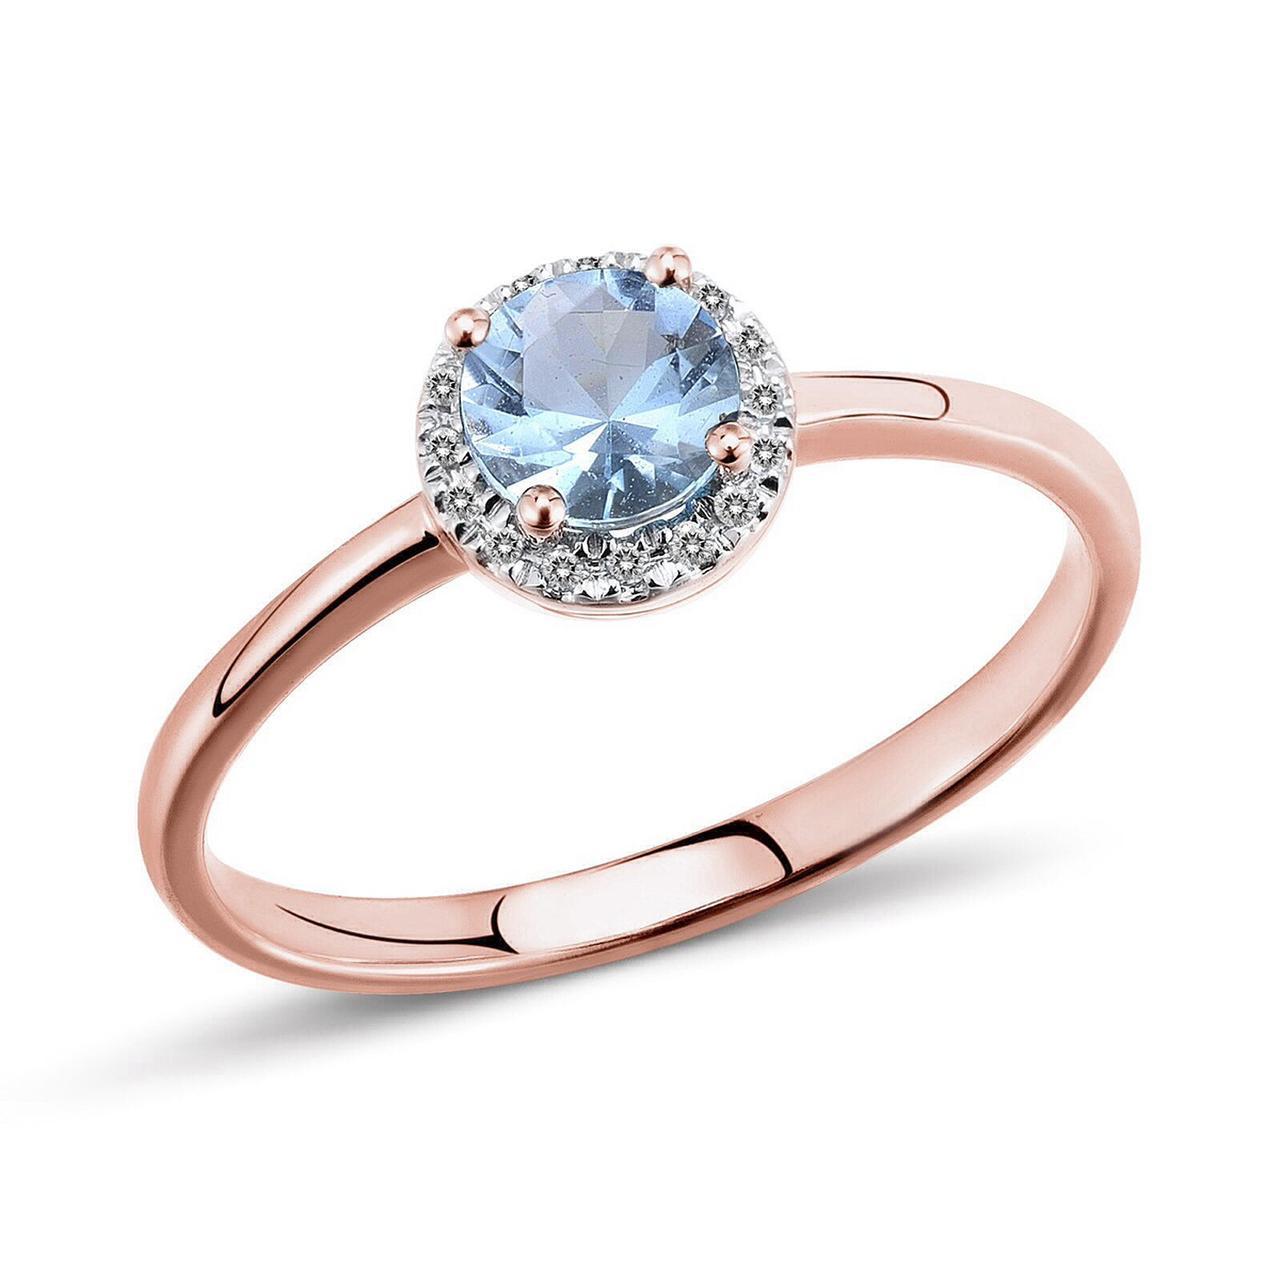 Золотое кольцо с бриллиантами и топазом, размер 15 (533069)